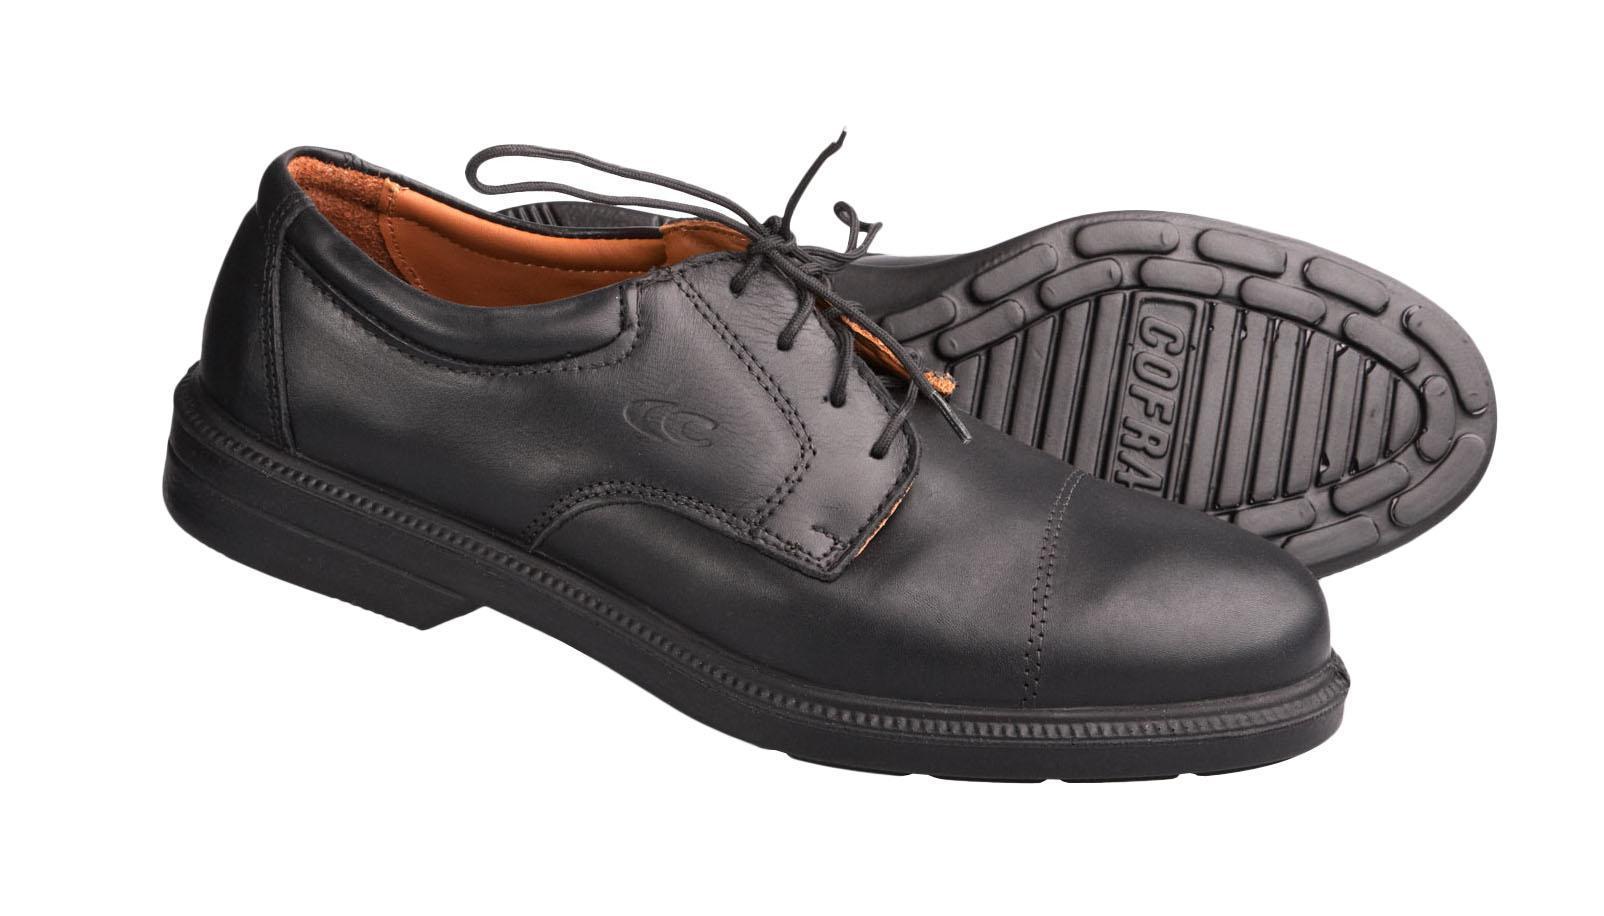 Полуботинки рабочие CofraРабочая обувь<br>Тип: полуботинки,<br>Сезон: демисезон,<br>Размер: 39,<br>Пол: мужской,<br>Цвет: черный,<br>Материал верха: натуральная кожа,<br>Подкладка: кожа натуральная подкладочная,<br>Подошва: однослойная, полиуретан<br>